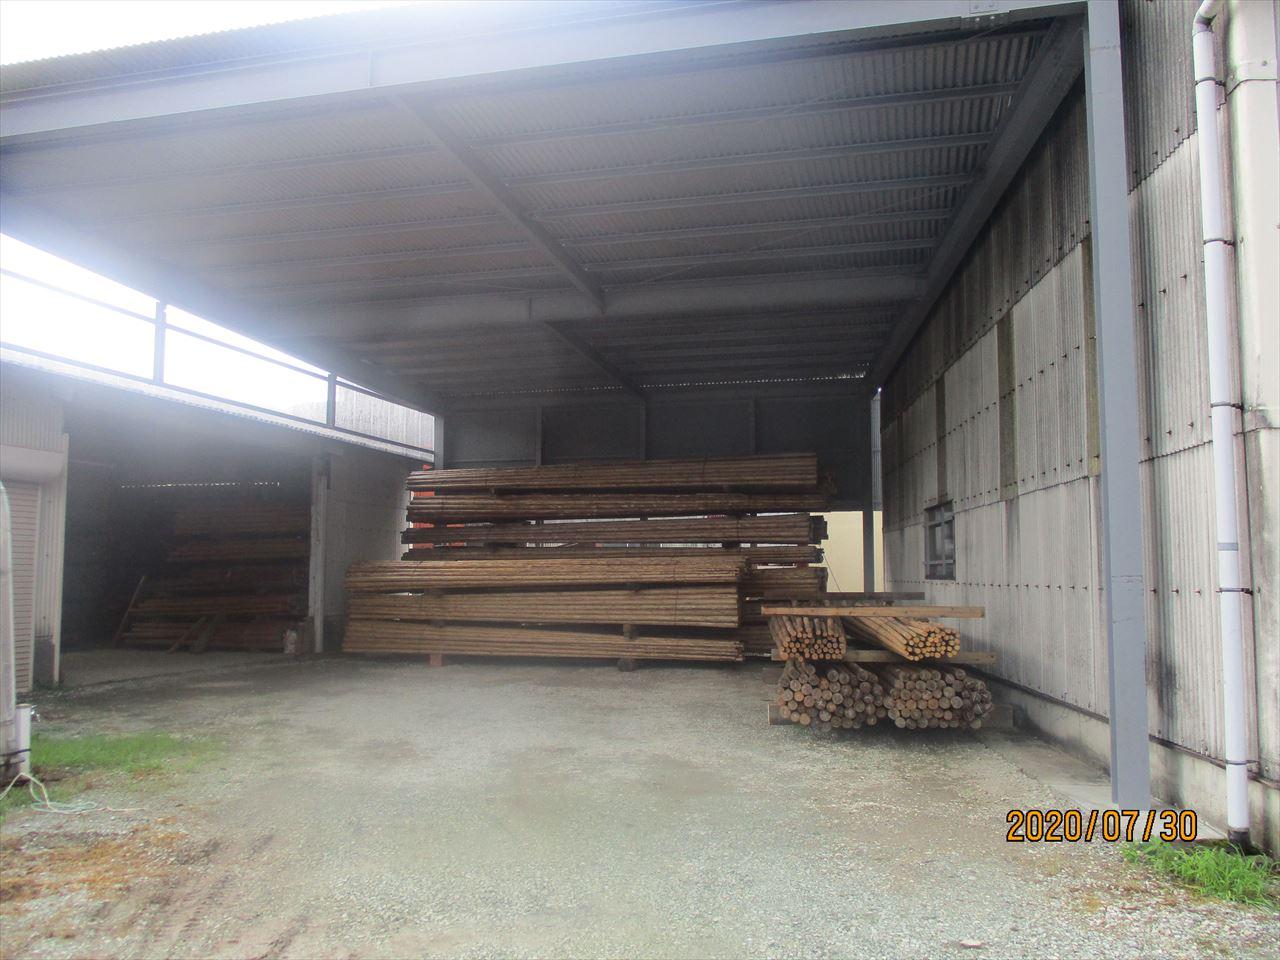 『足場丸太』の在庫用倉庫を増設しました